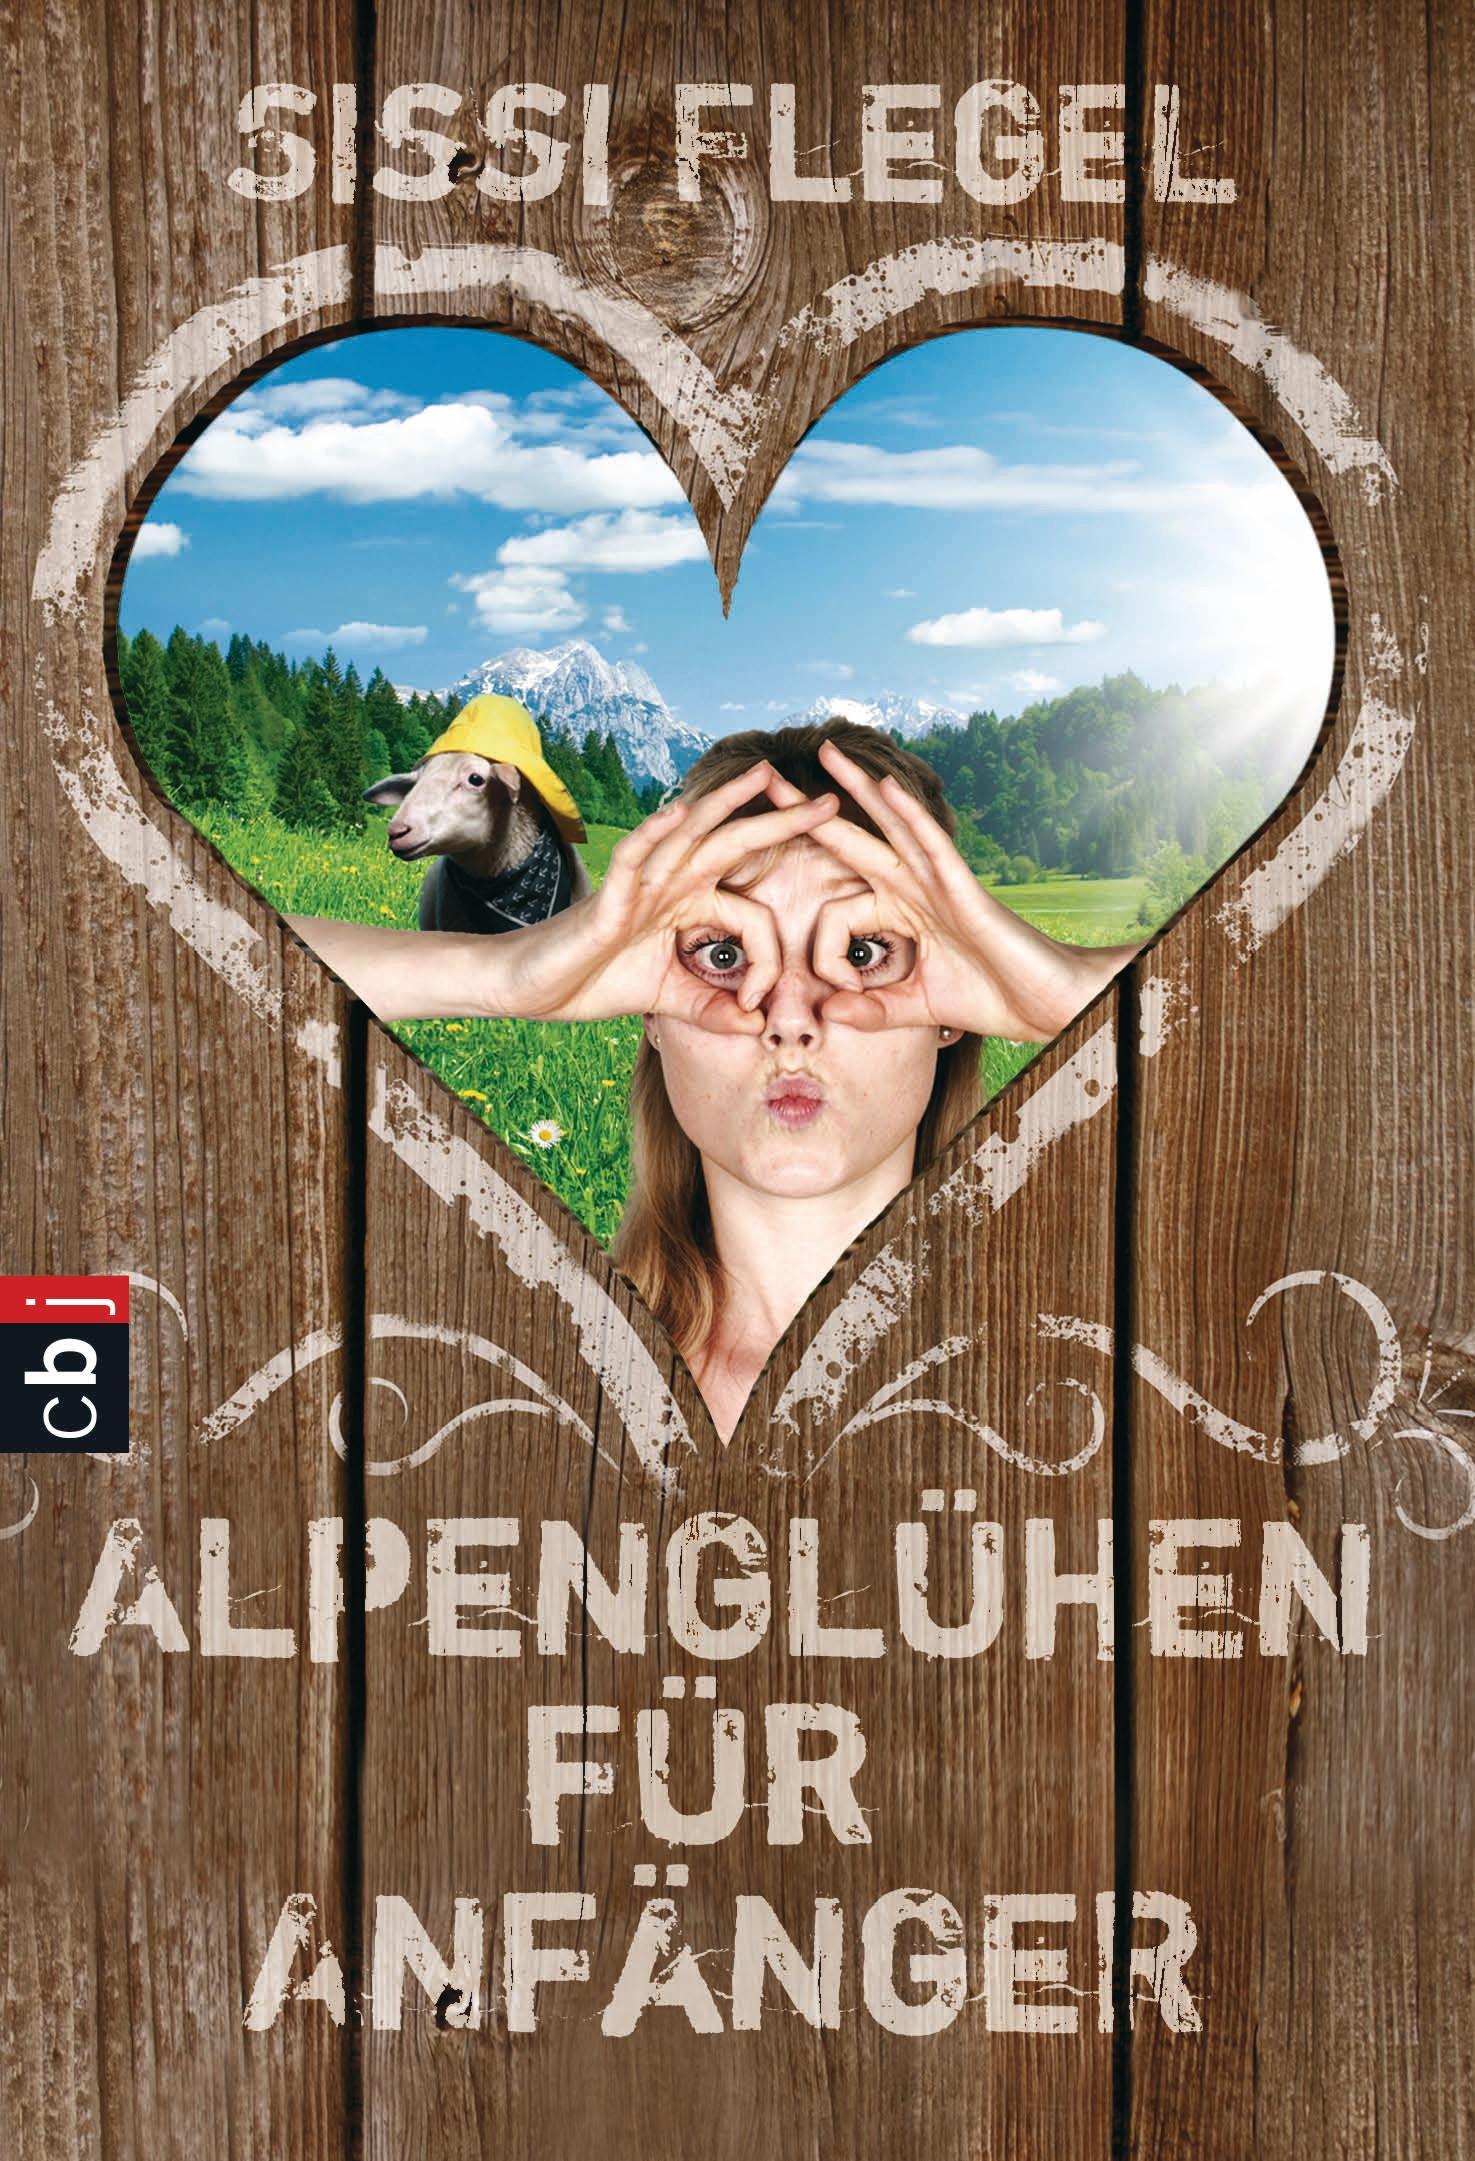 Alpenglühen für Anfänger - Flegel, Sissi